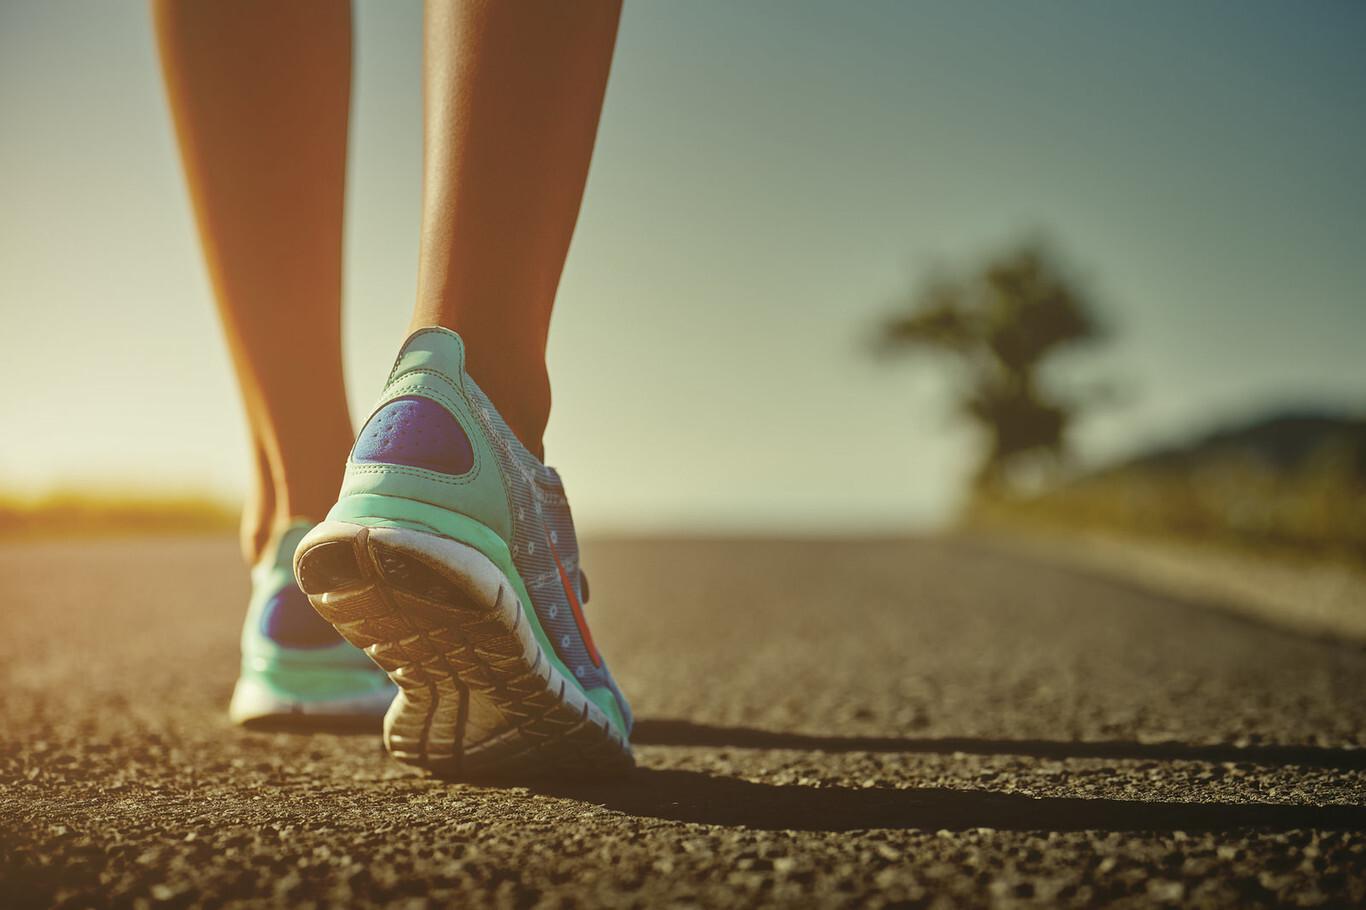 הליכה טובה לבריאותך, הליכה מהירה טובה יותר